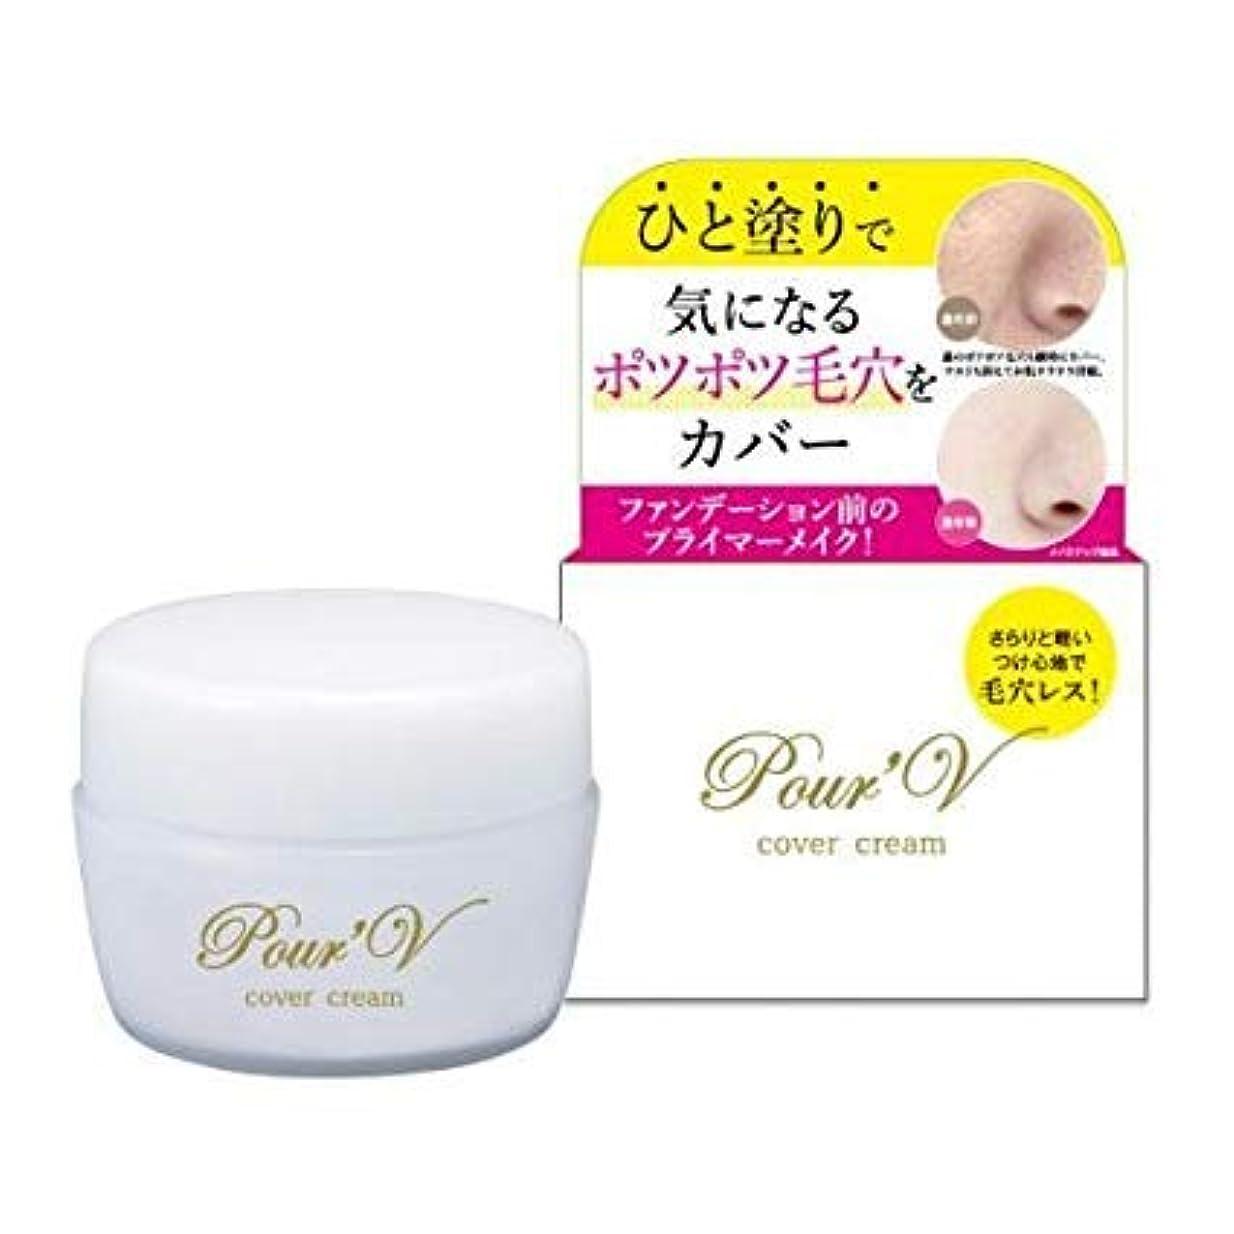 選出するパッケージ談話Pour'V プレヴ cover cream10個セット